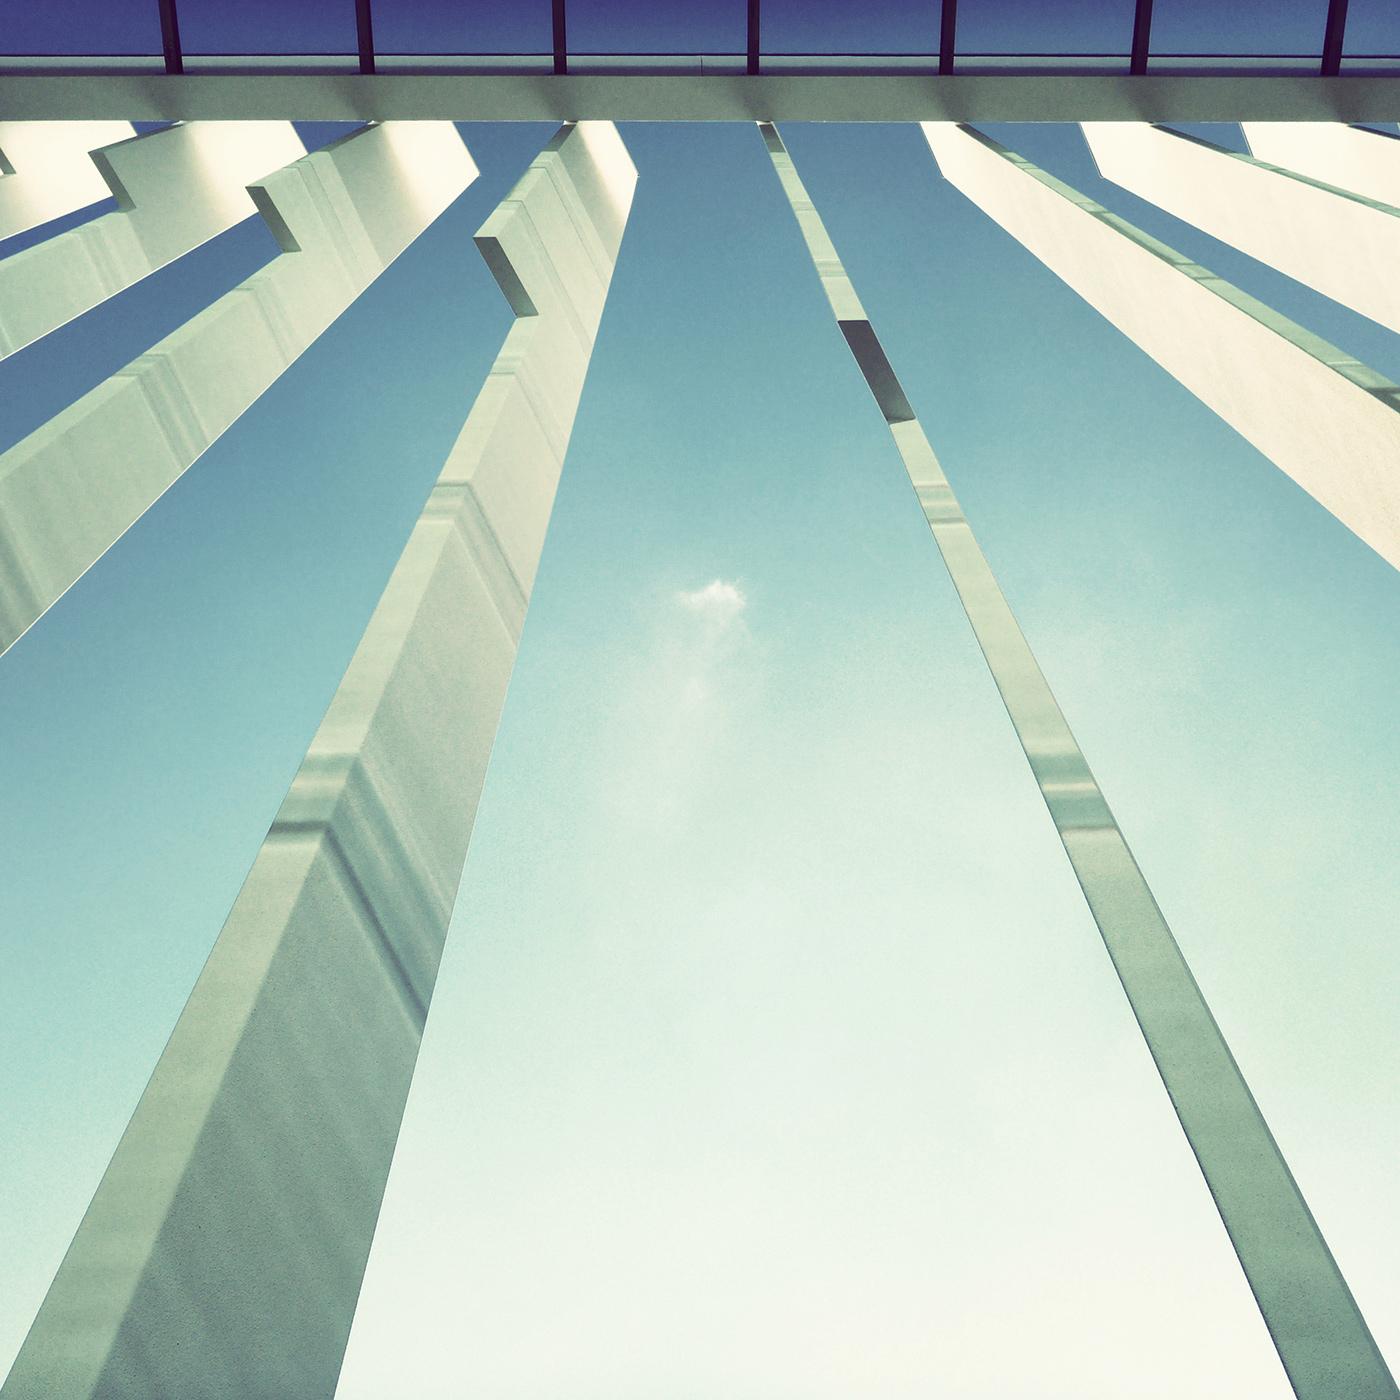 GKF Office Building <br />Location: Milano, Italy <br />Architect: Il Prisma